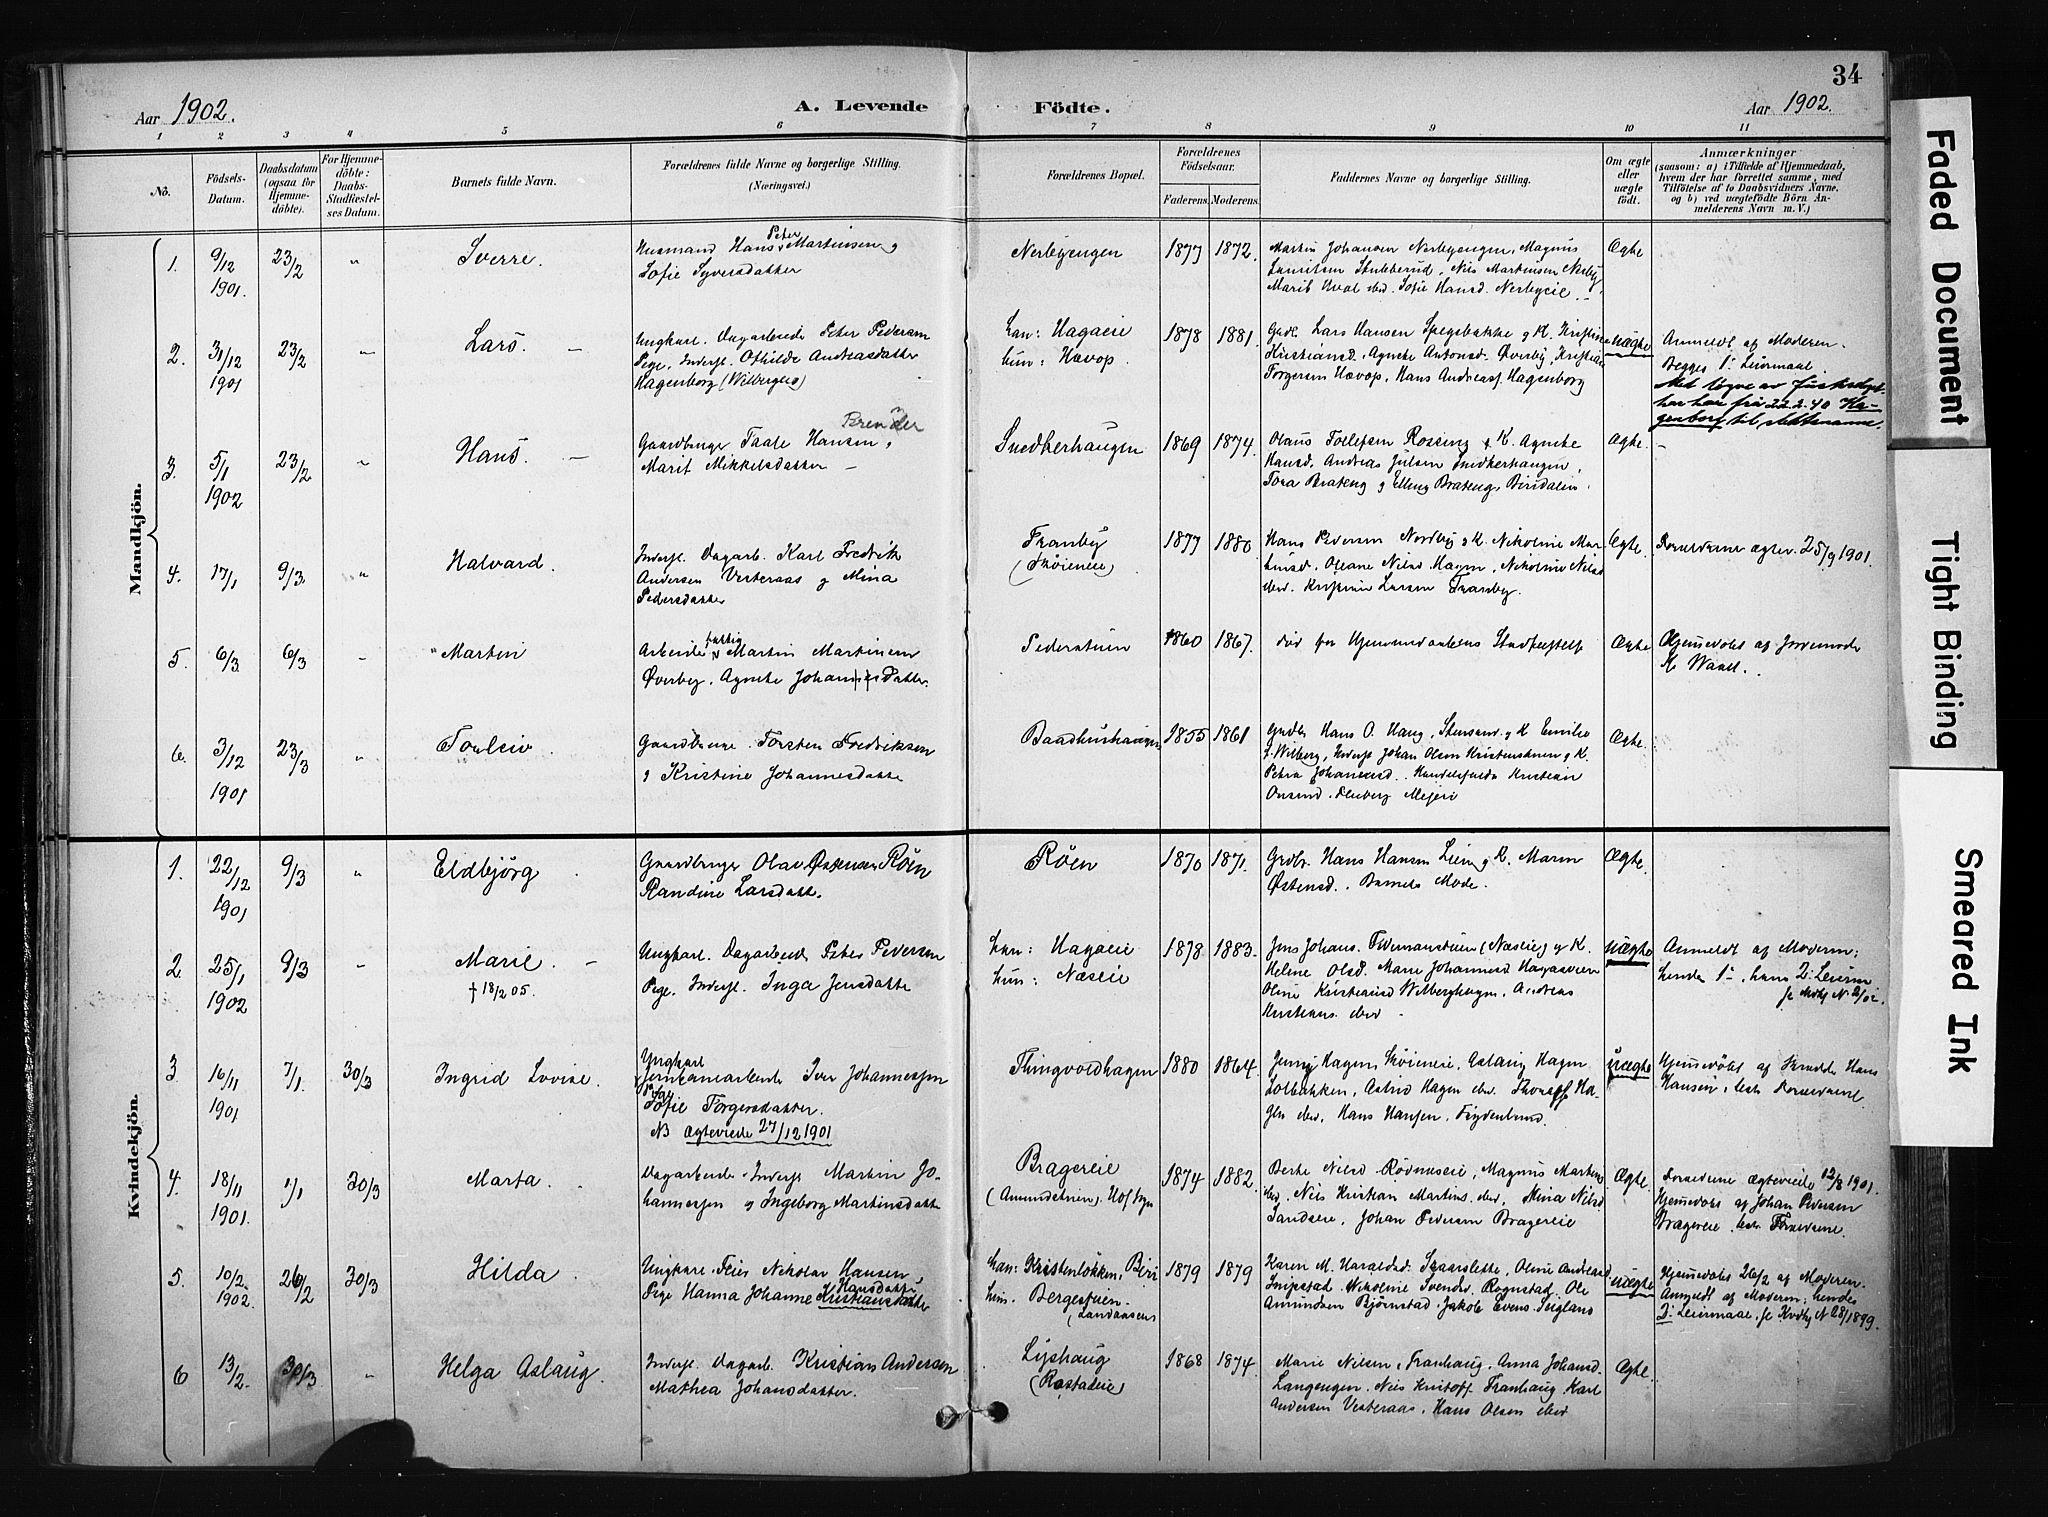 SAH, Søndre Land prestekontor, K/L0004: Ministerialbok nr. 4, 1895-1904, s. 34